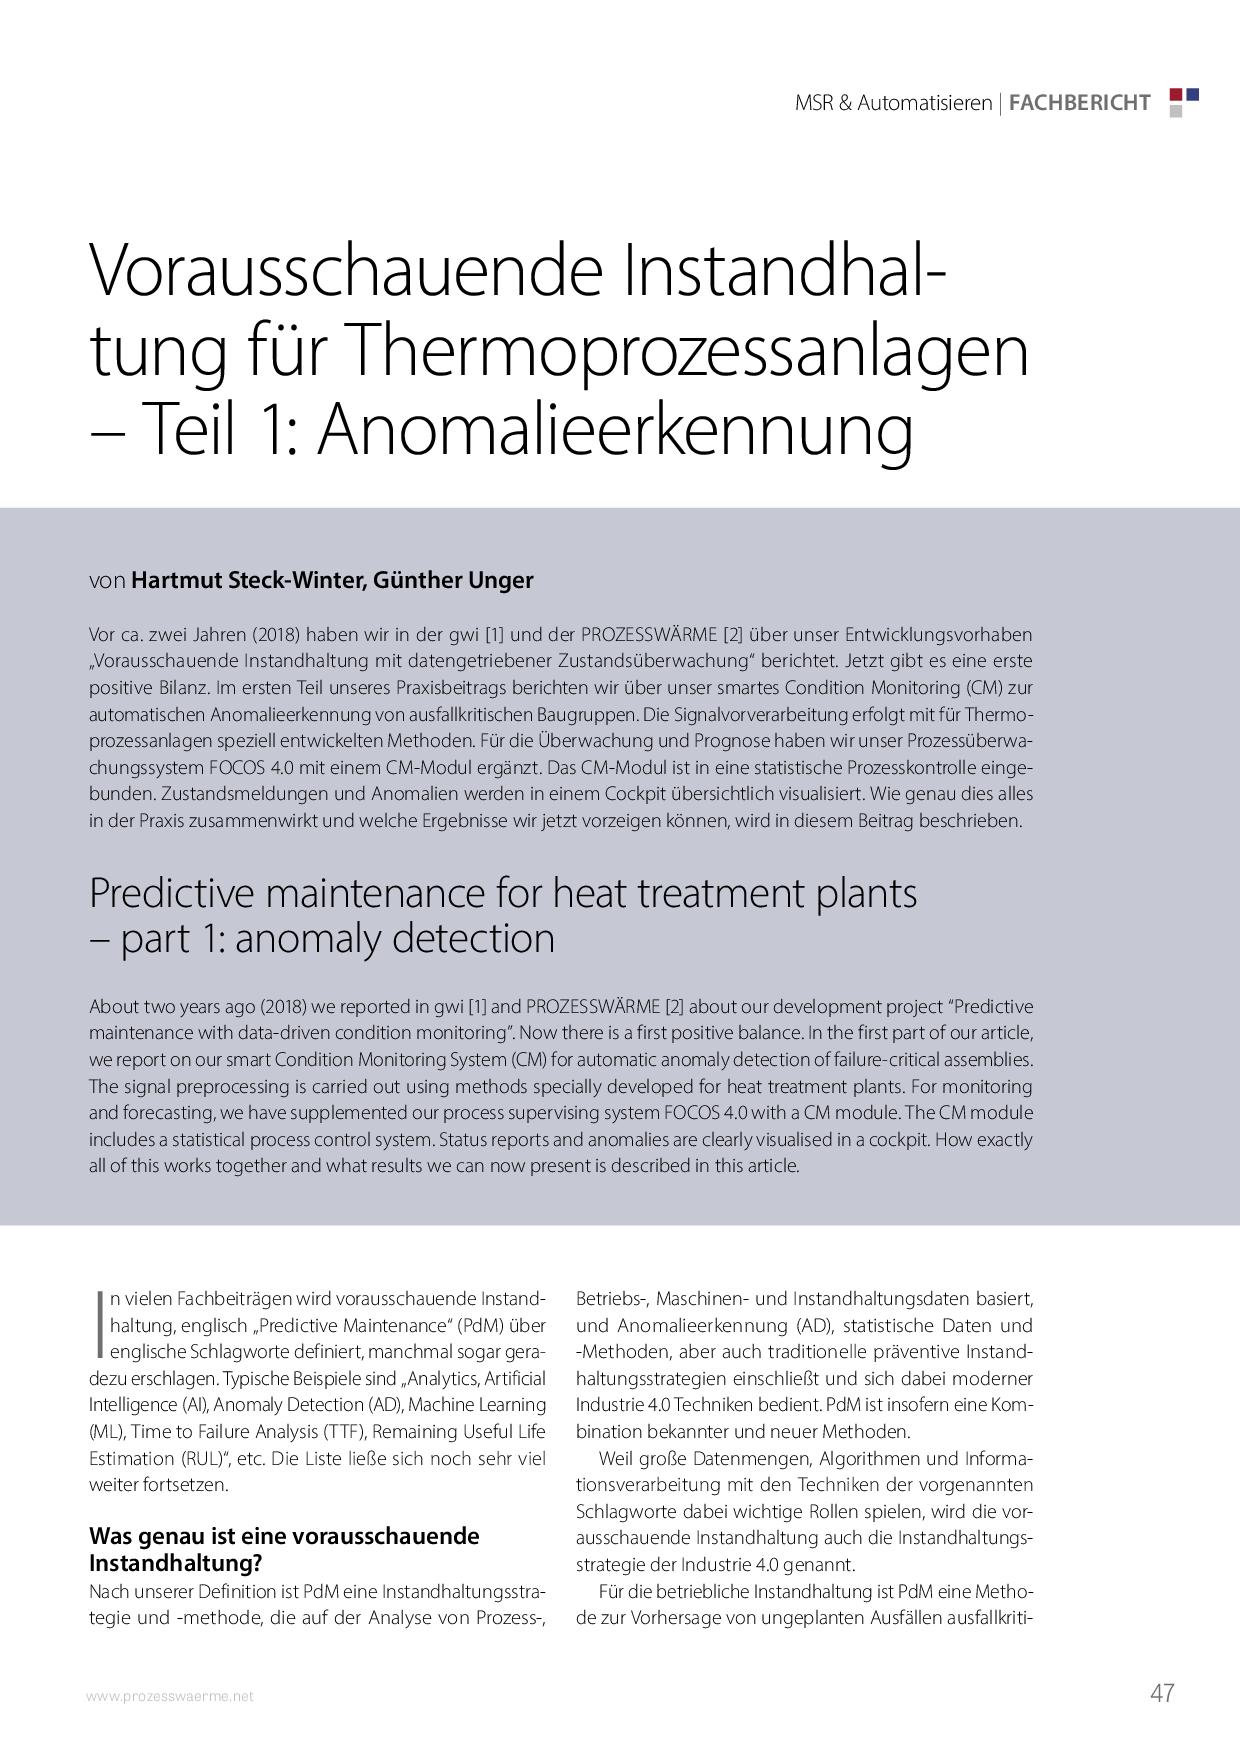 Vorausschauende Instandhaltung für Thermoprozessanlagen – Teil 1: Anomalieerkennung